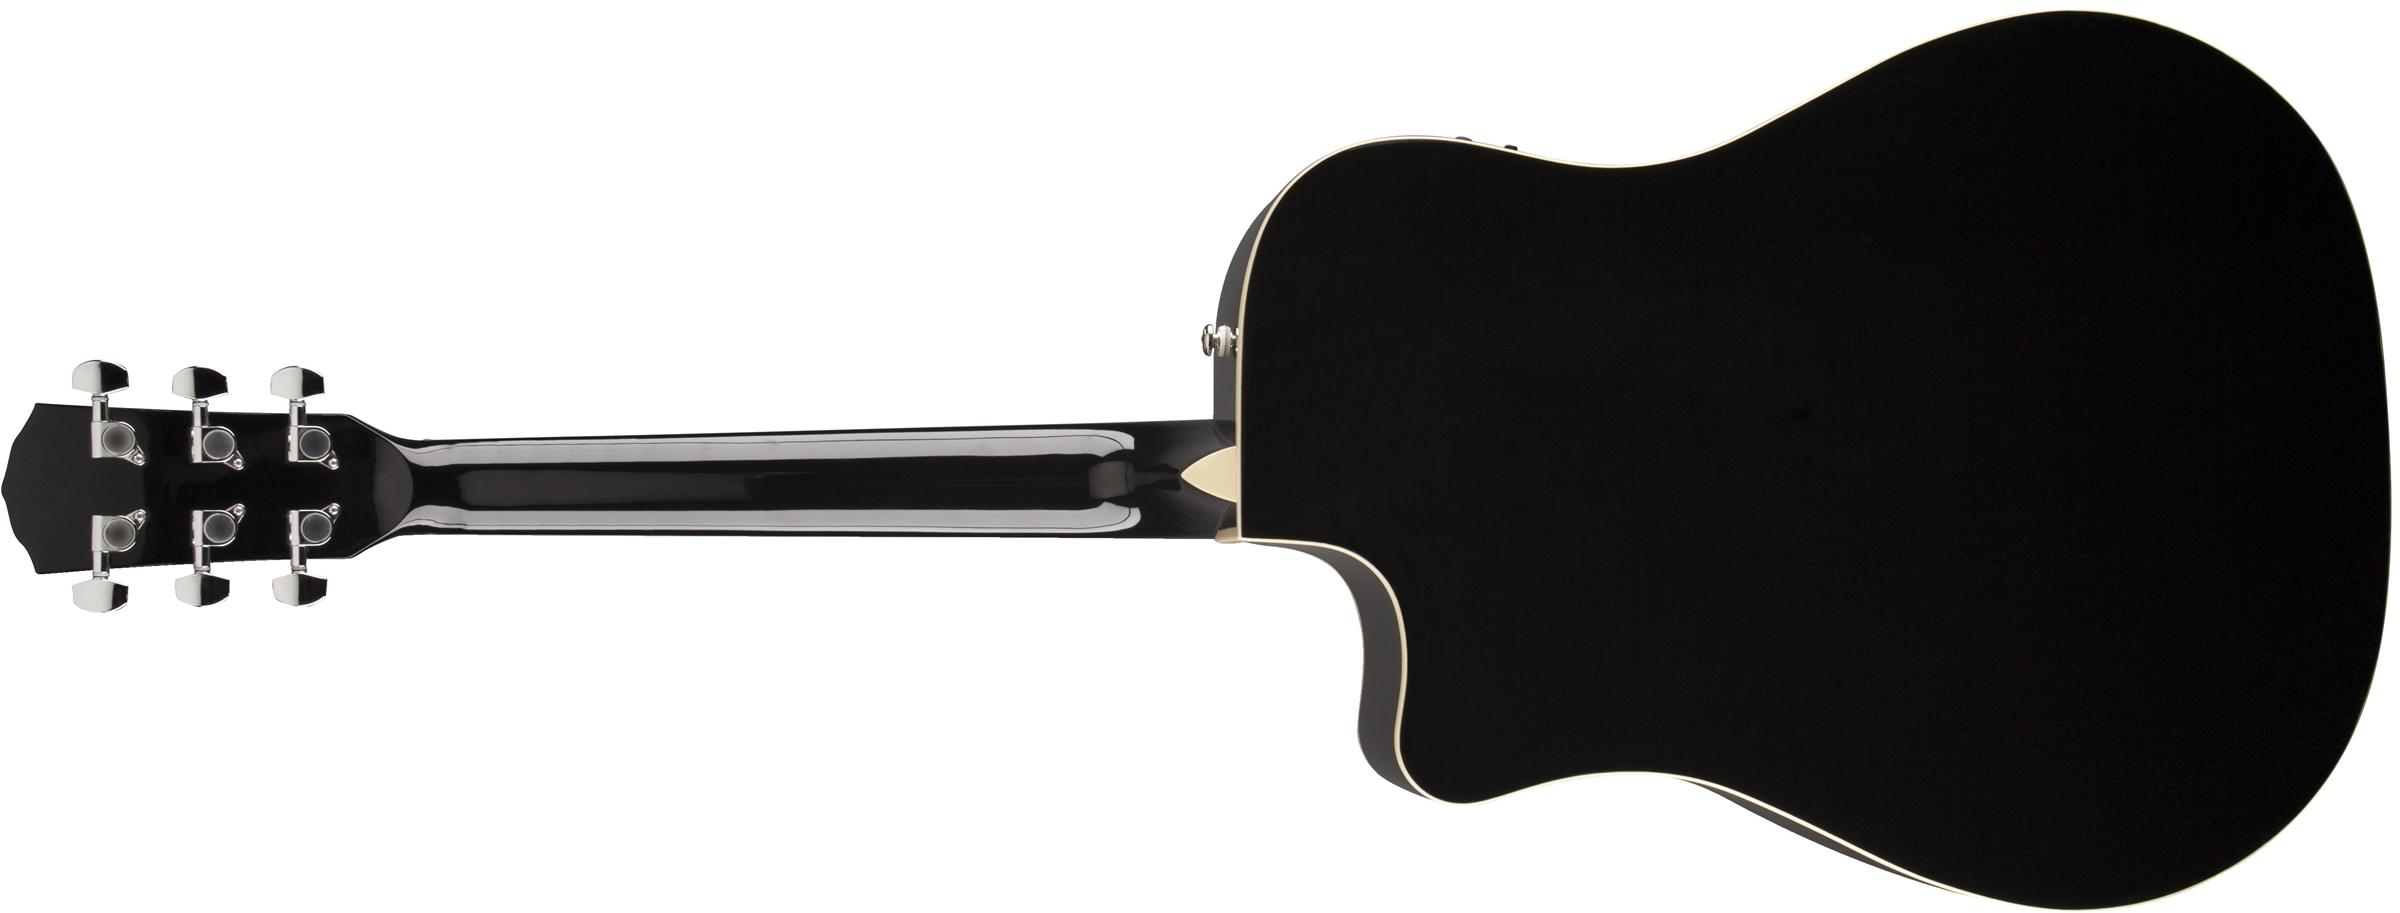 Fender T-Bucket™ 300CE 3-Color Sunburst Acoustic Electric Guitar